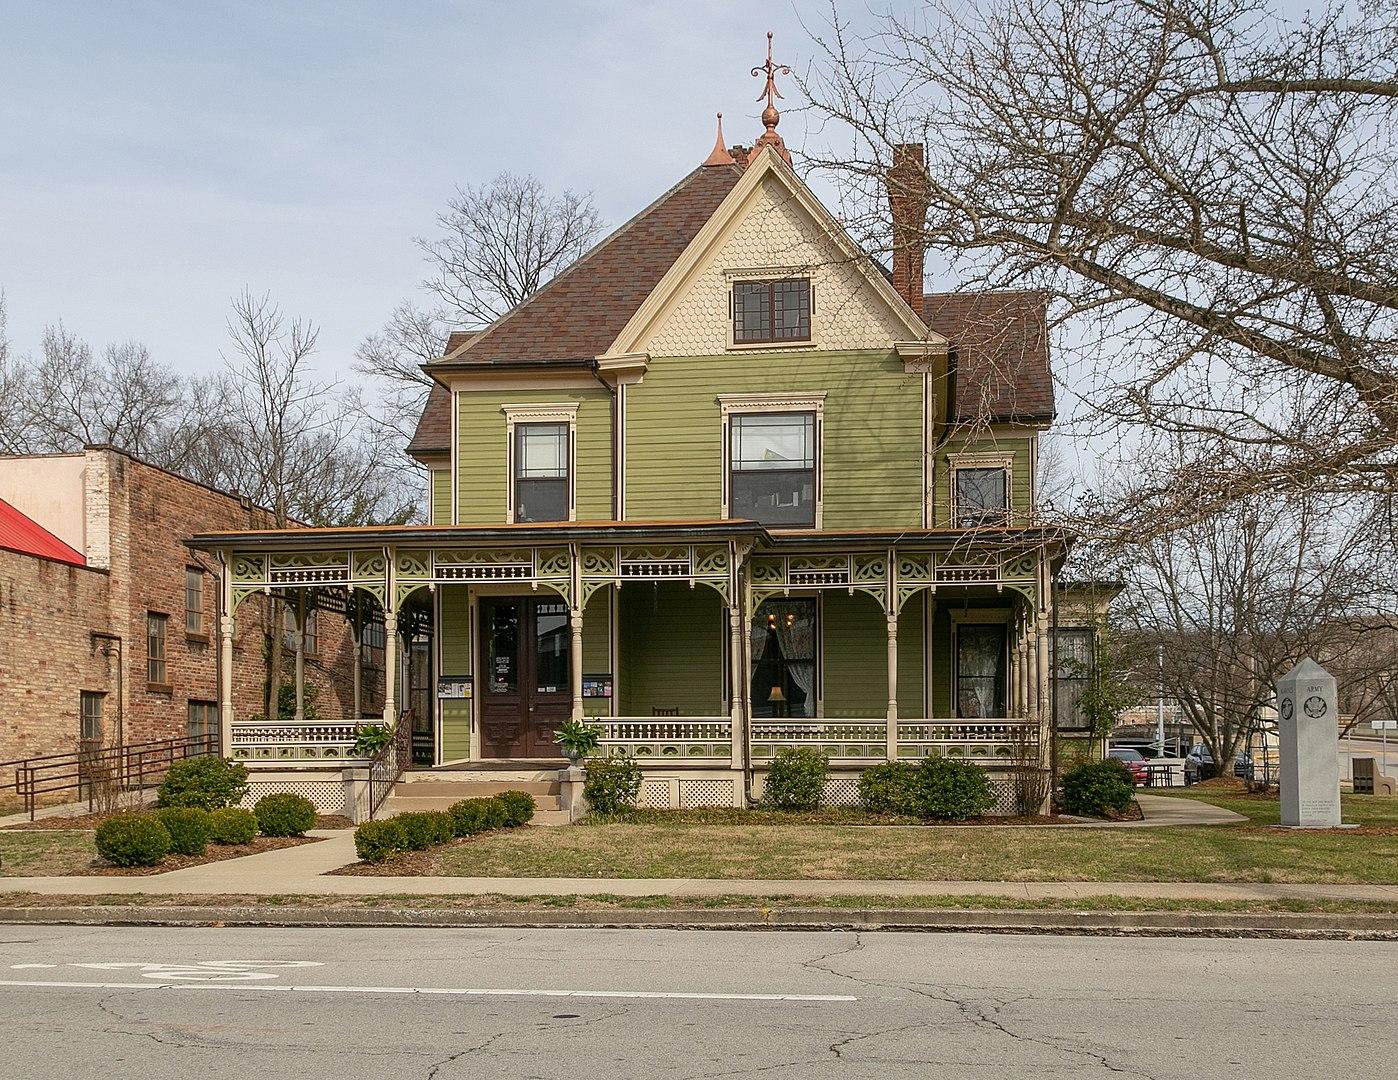 Gooch House in Frankfort Kentucky, now home to the Kentucky Distillers Association.